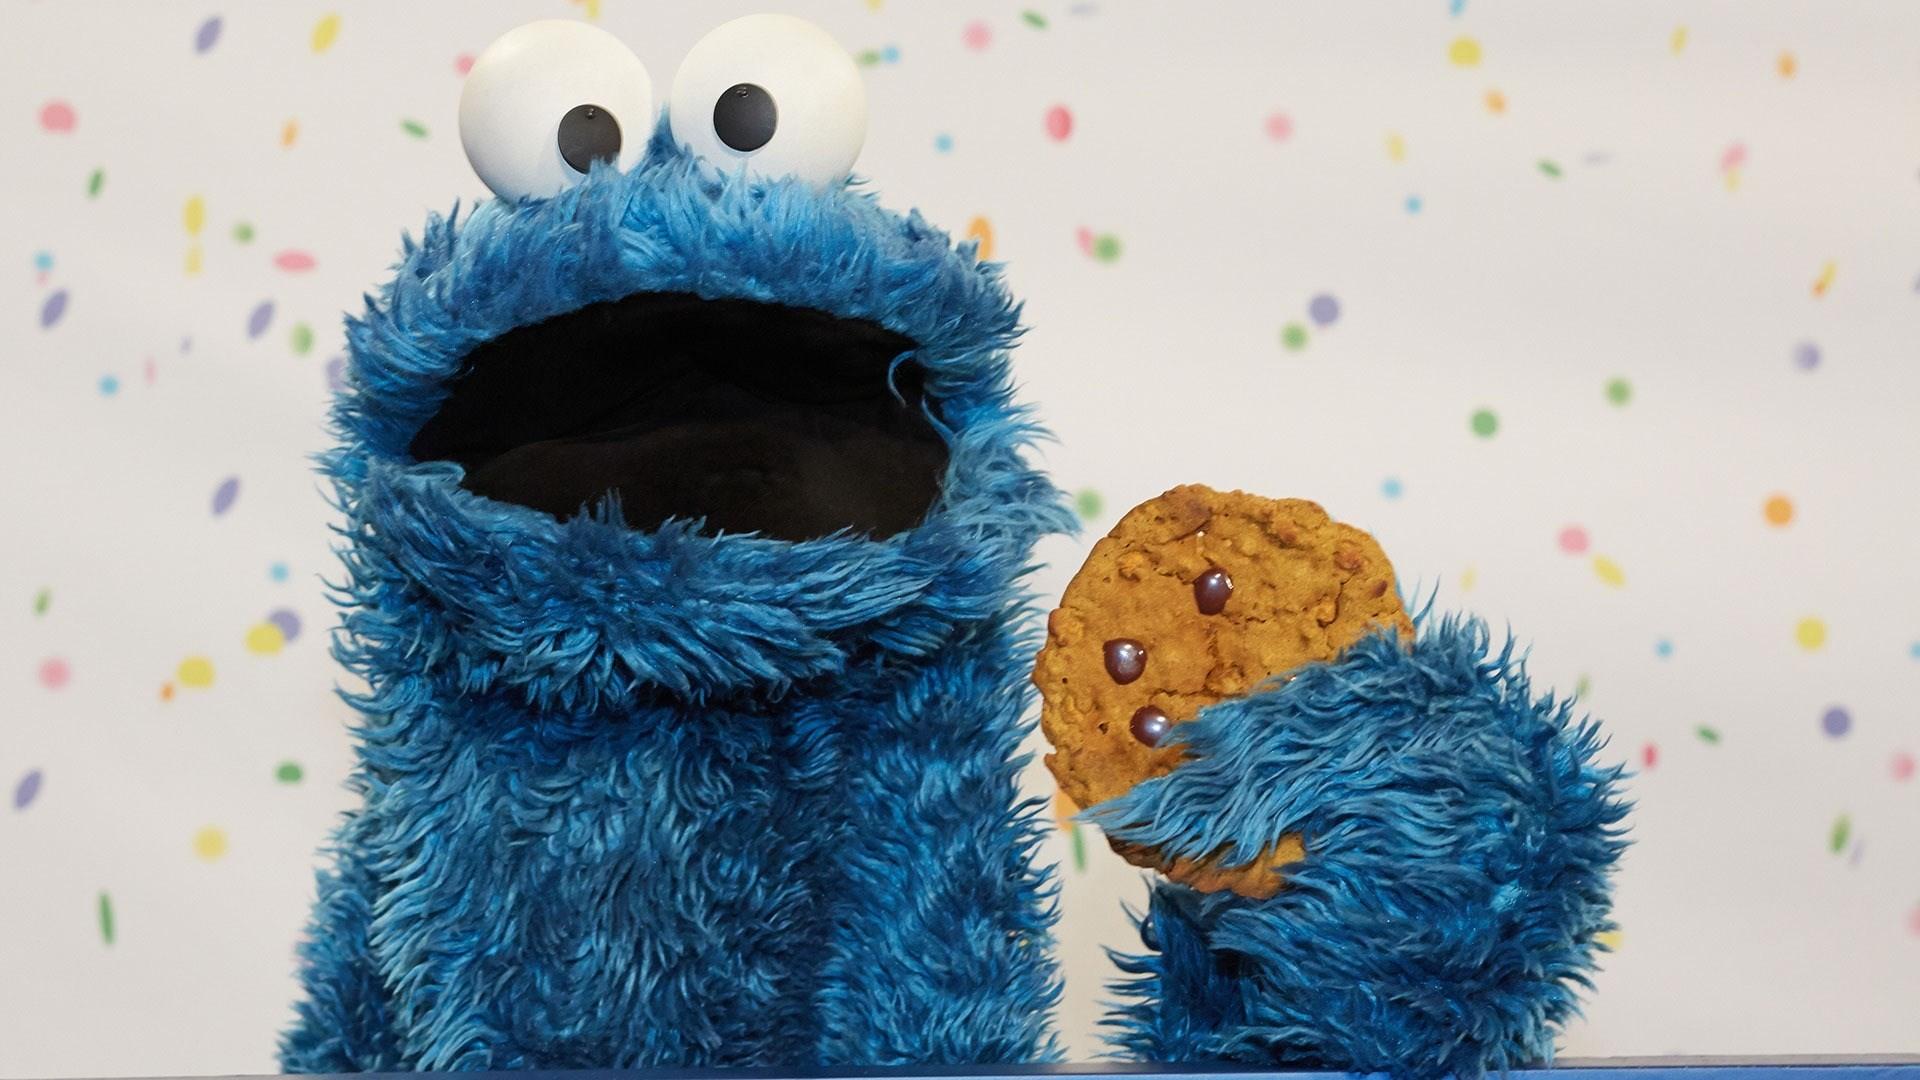 1750x2500 Desktop Pictures Cookie Monster Hd Wallpaper